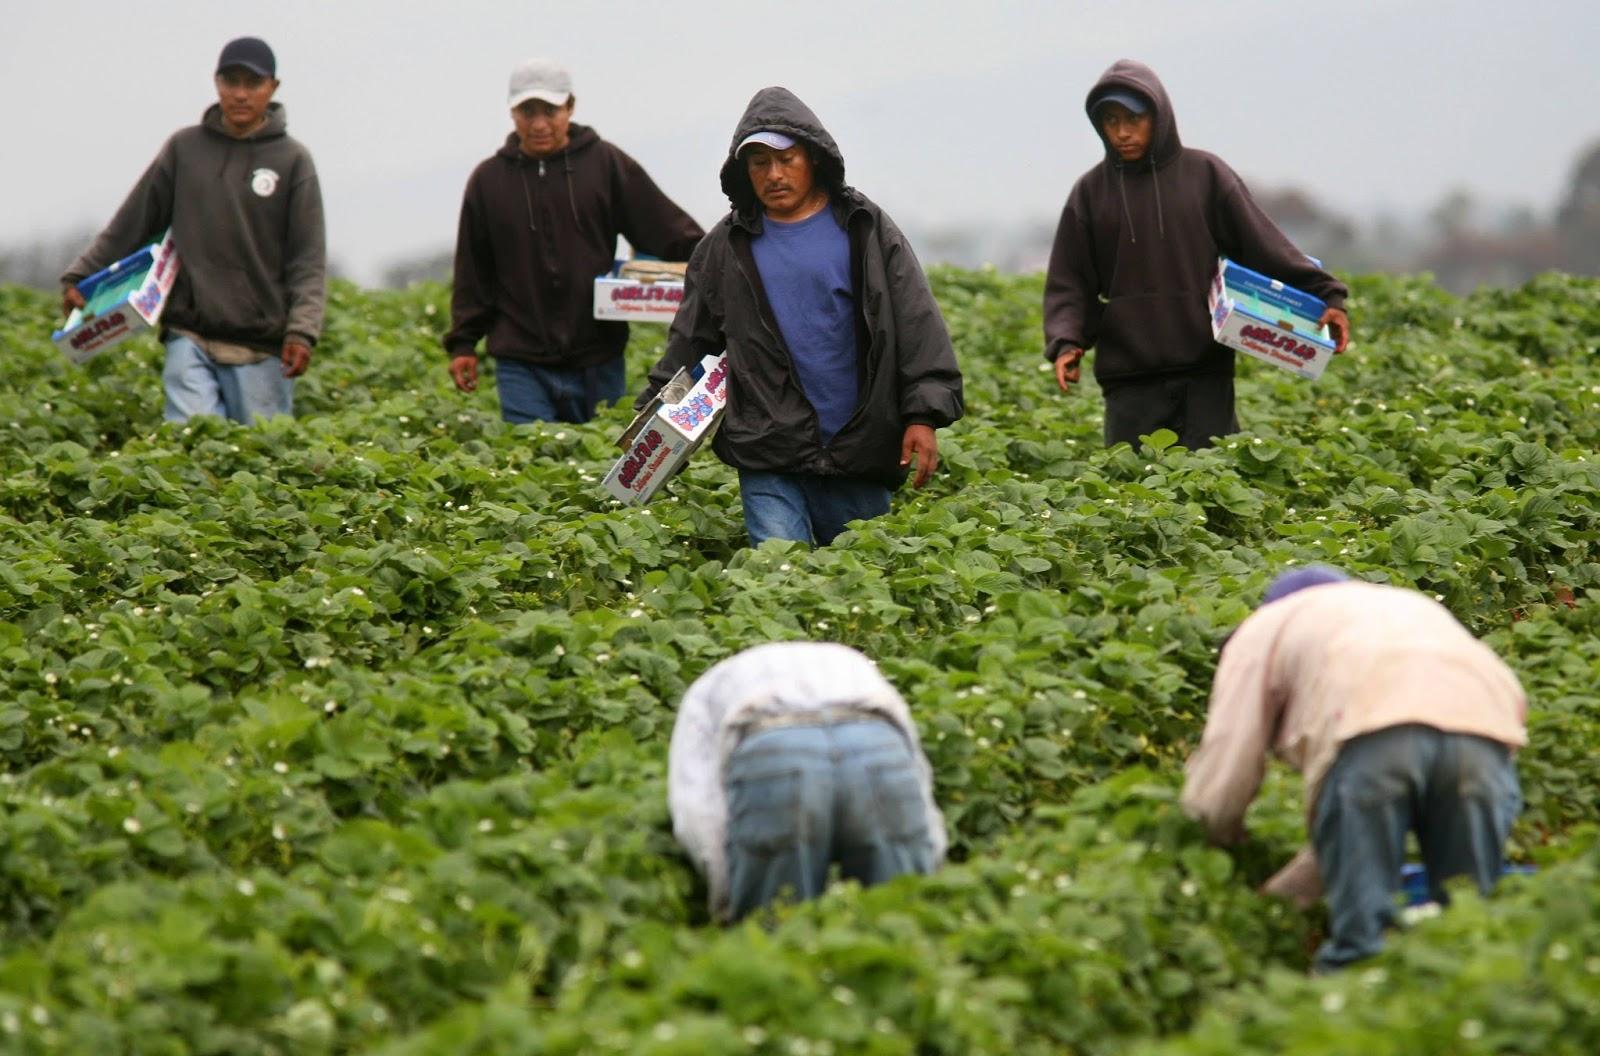 Fedecámaras: No hay condiciones para dialogar con el gobierno